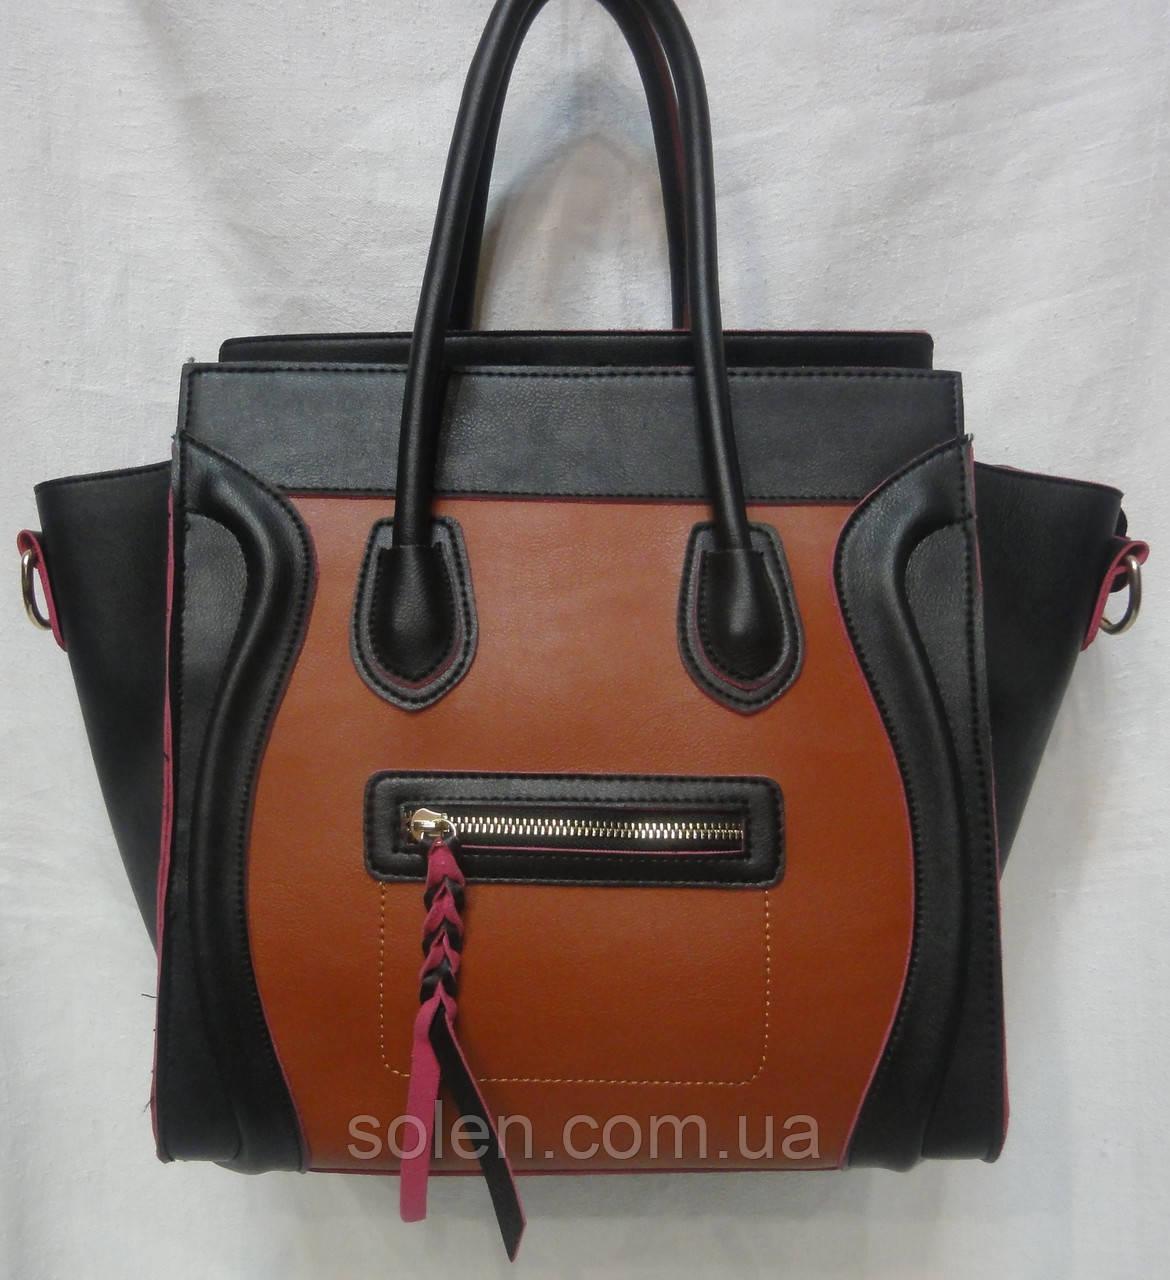 Женская сумка из кожзаменителя. - Интернет-магазин сумок Solen в Харькове